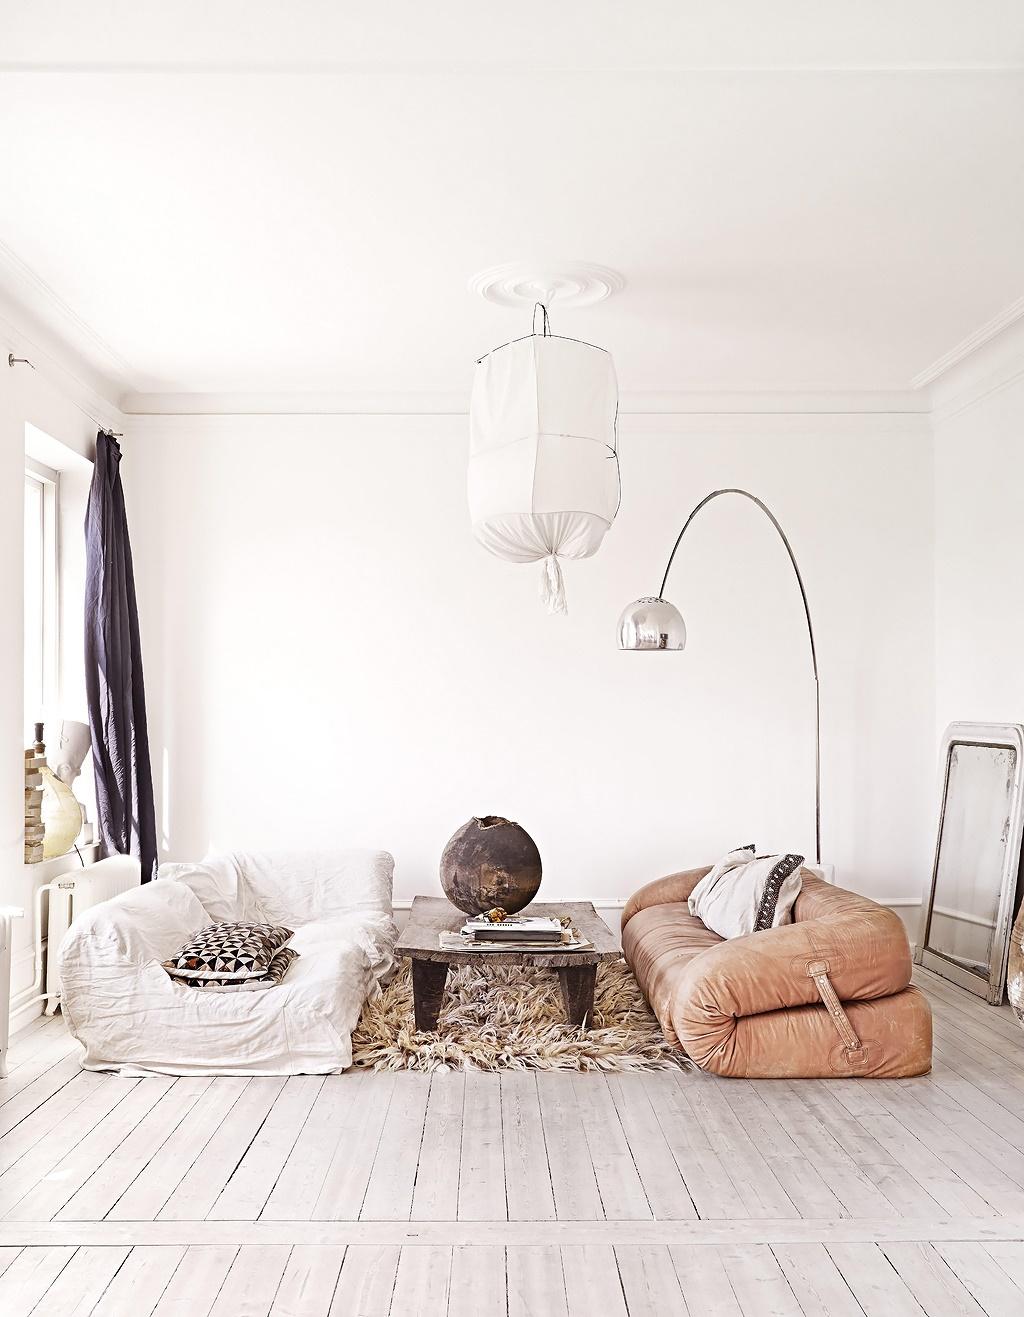 Дом норвежского дизайнера Мари Олссон Ниландер